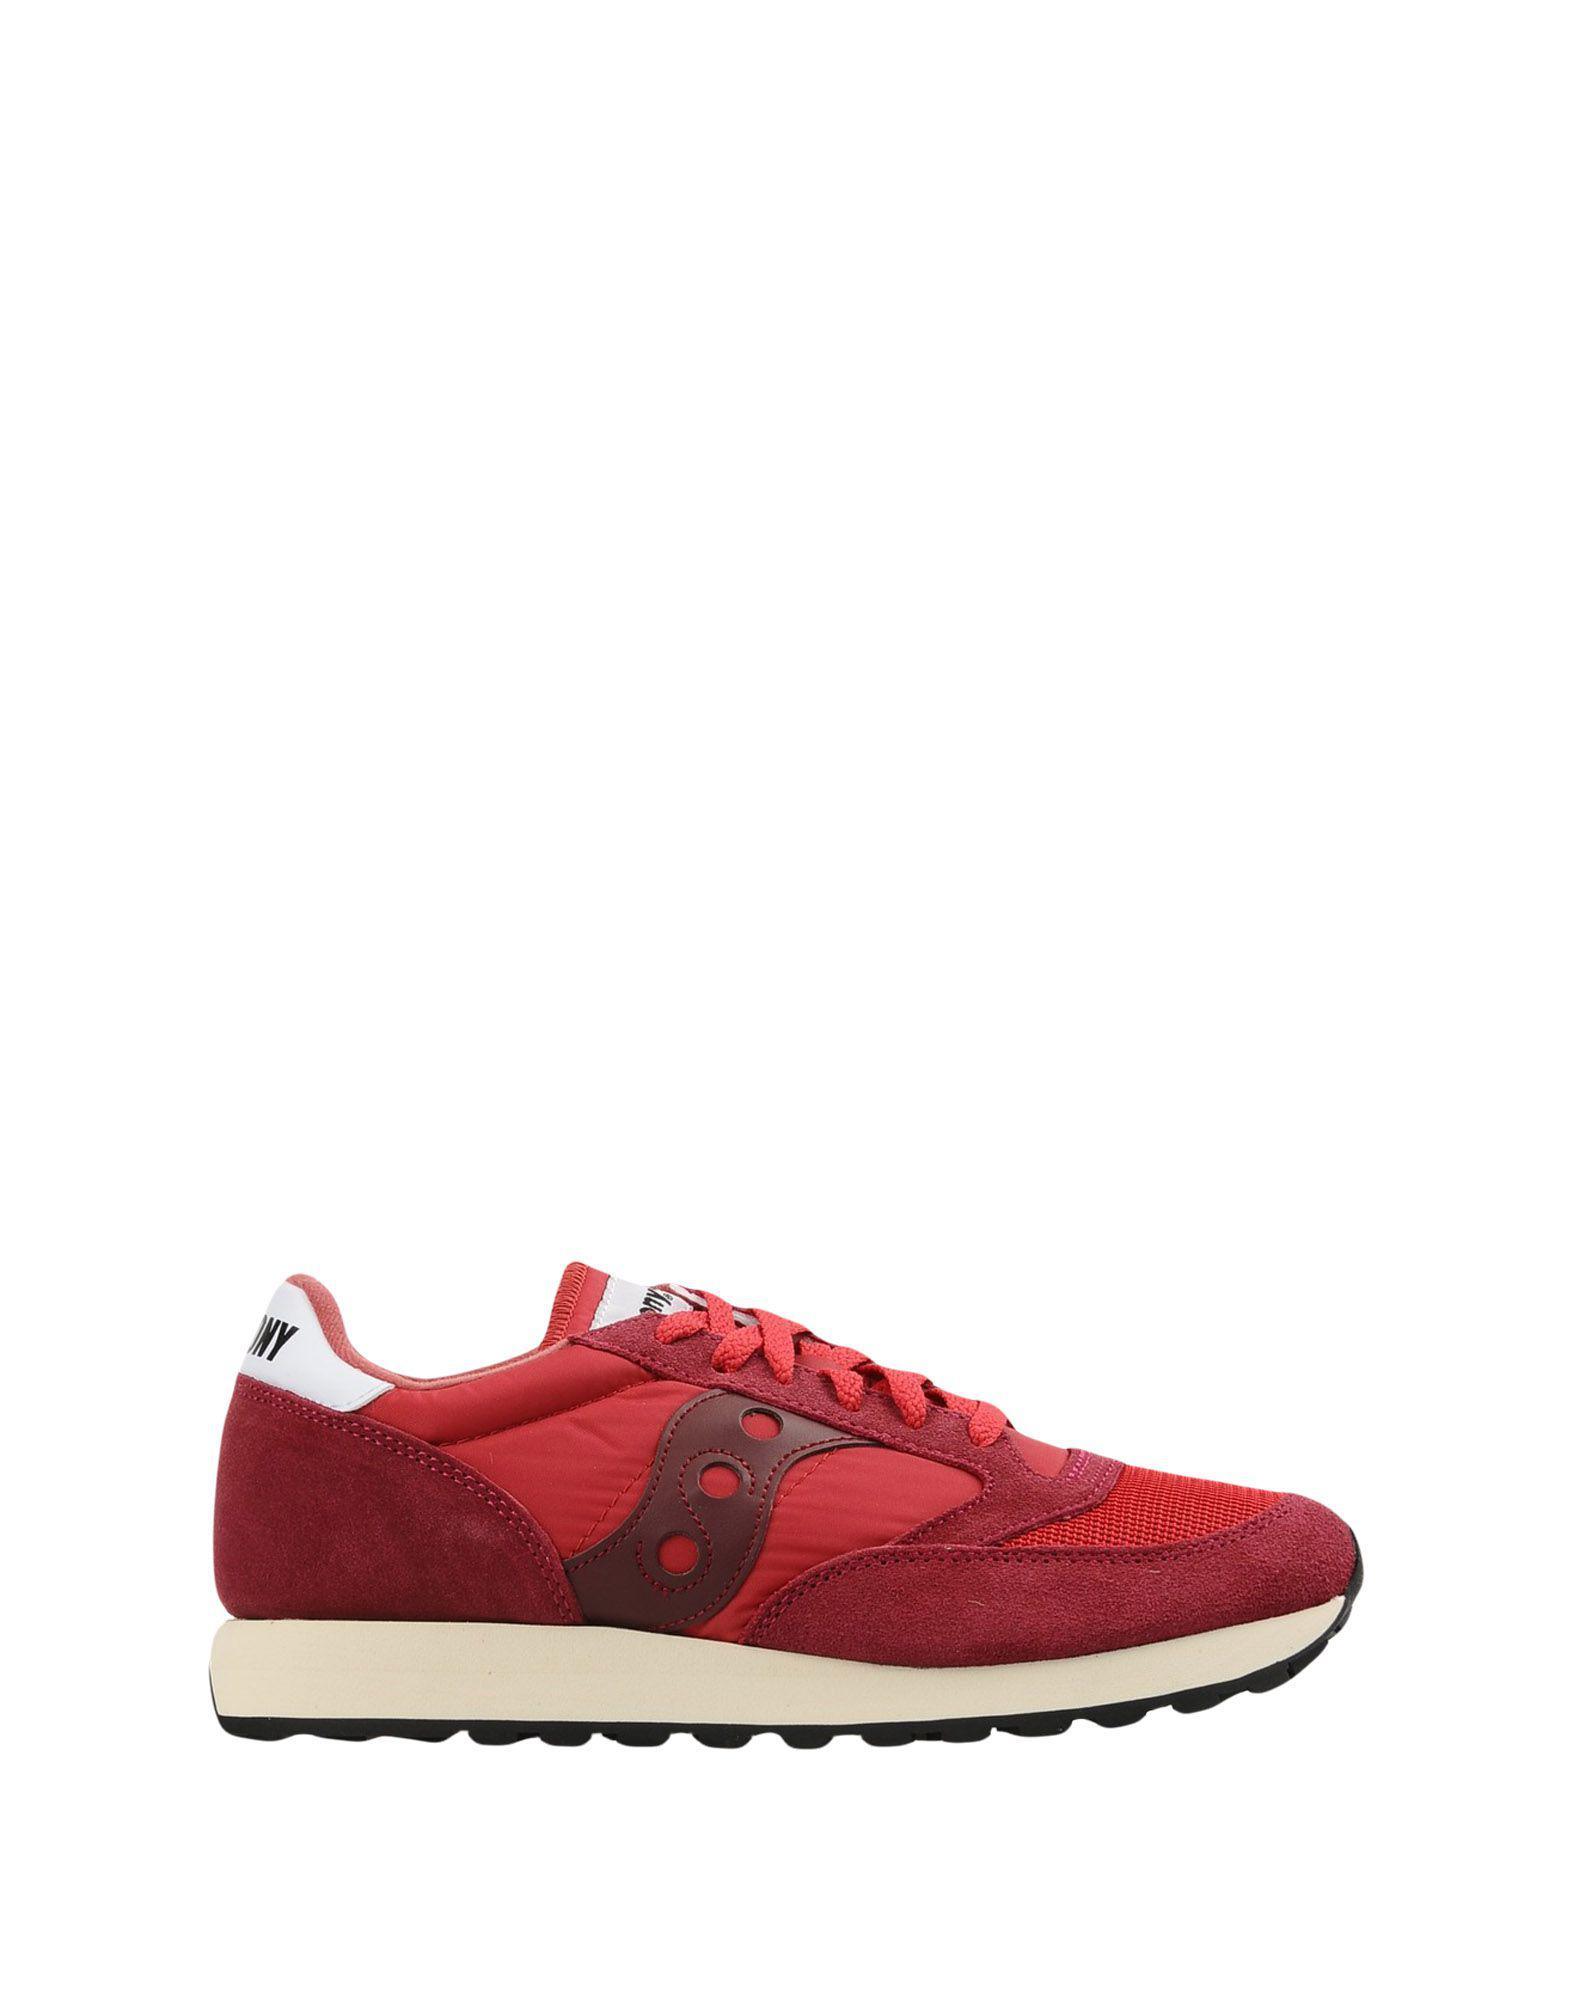 Sneakers & Tennis basses Daim Saucony pour homme en coloris Rouge EUZu